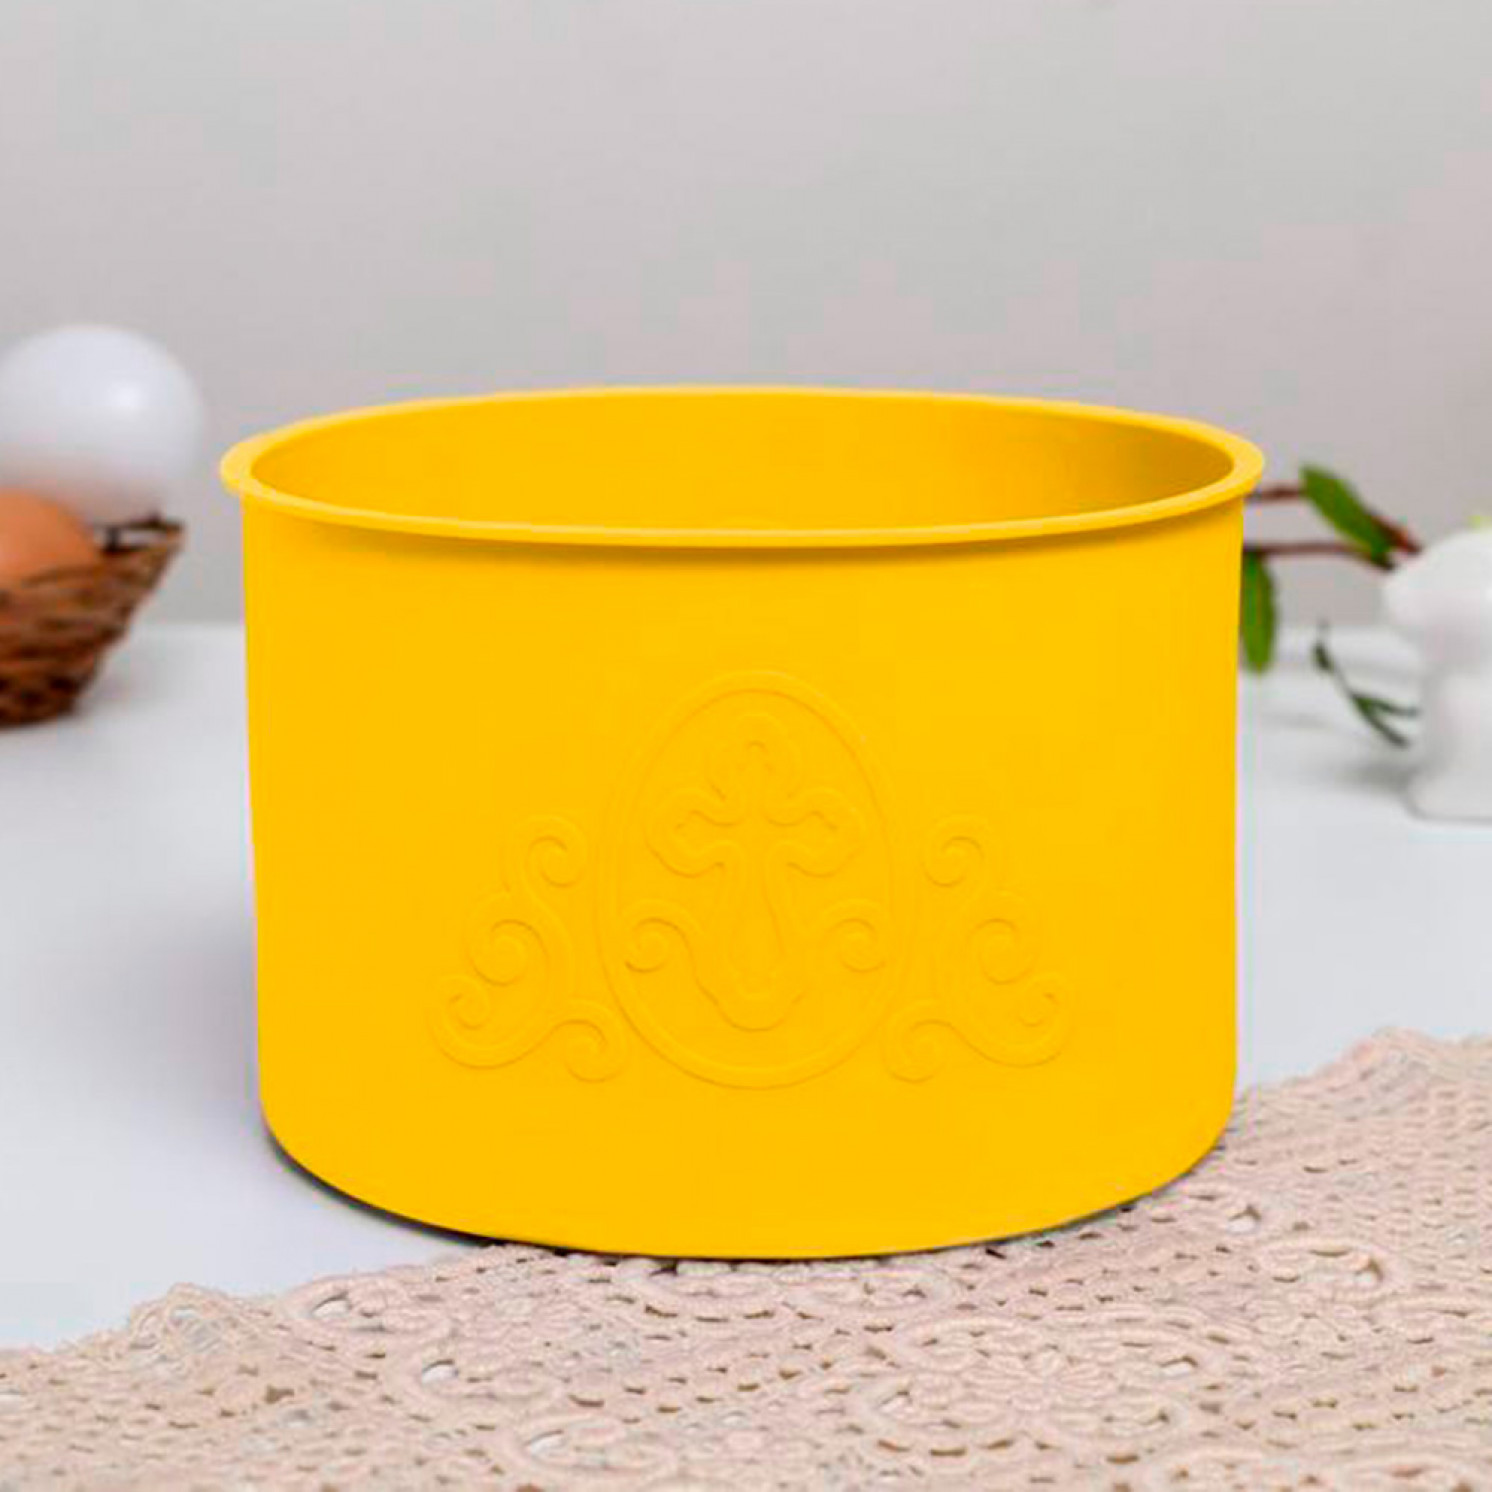 Набор силиконовых форм для выпечки «ХВ» желтые, 3 шт.